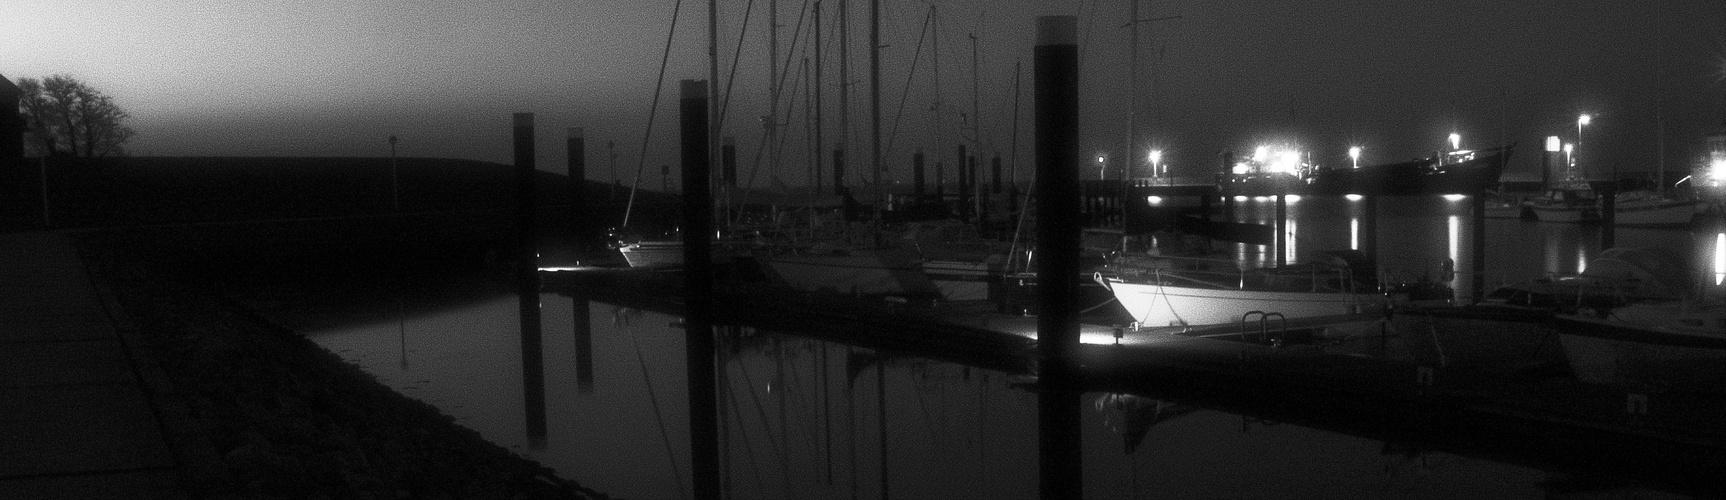 düstere Stimmung im Yachthafen WHV's